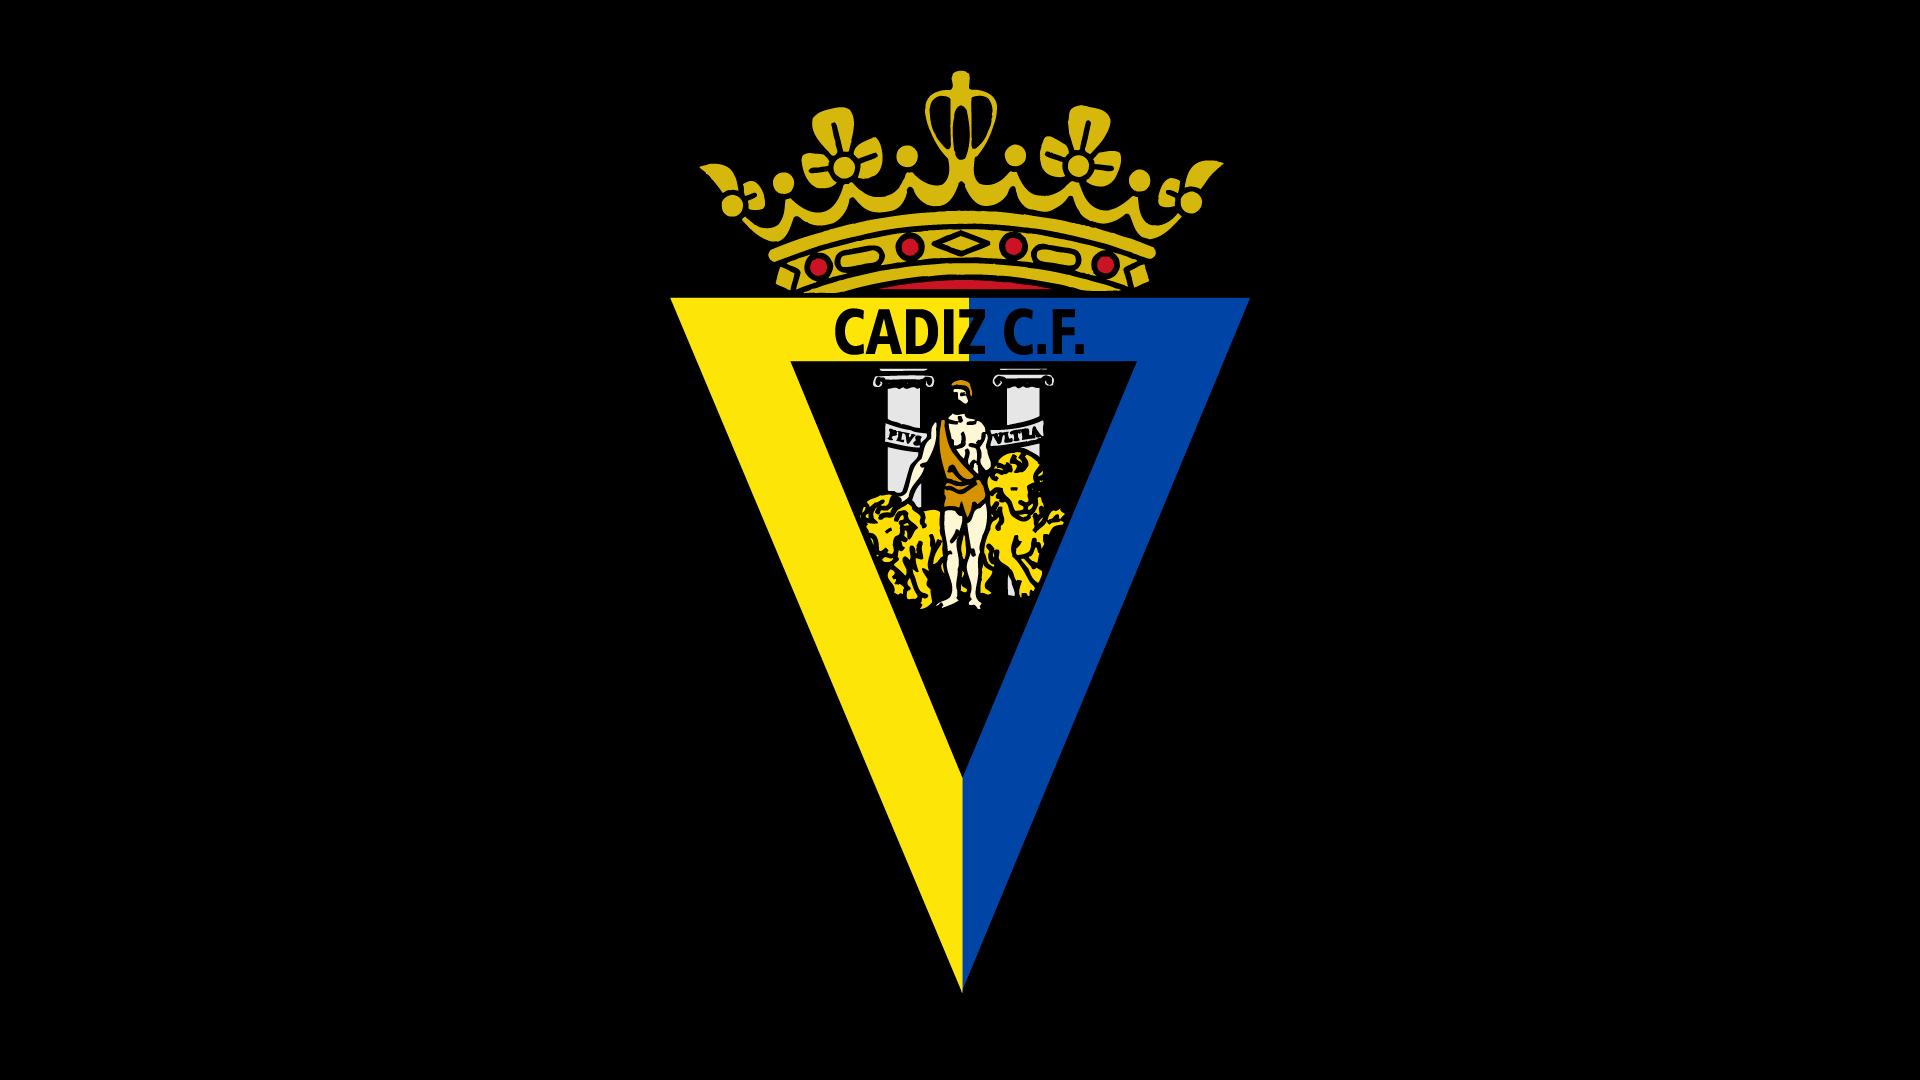 Cádiz Club de Fútbol TV en directo, Online